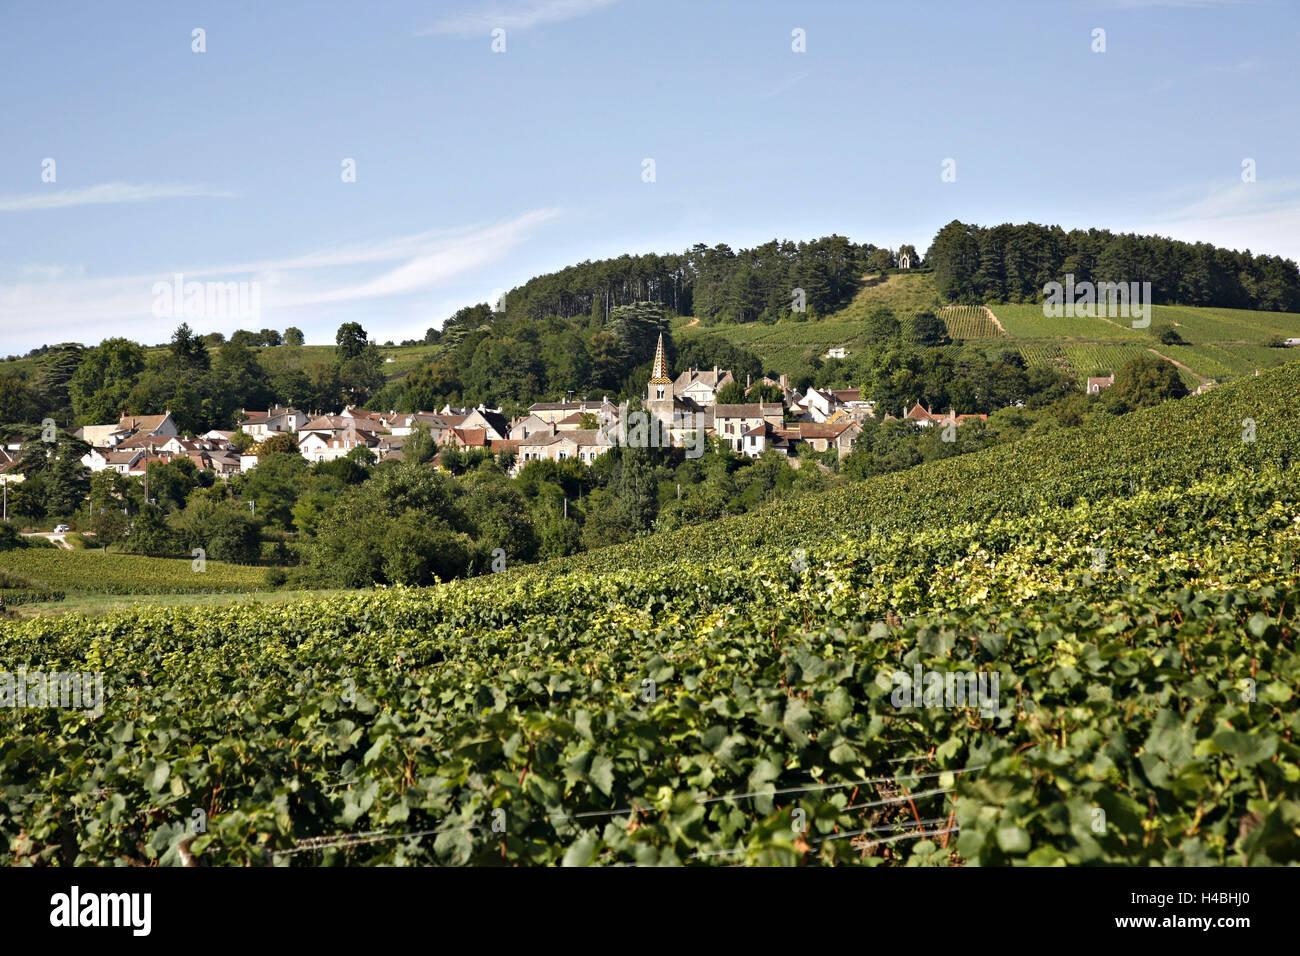 Europe, France, Burgundy, Beaune, winegrowing, - Stock Image